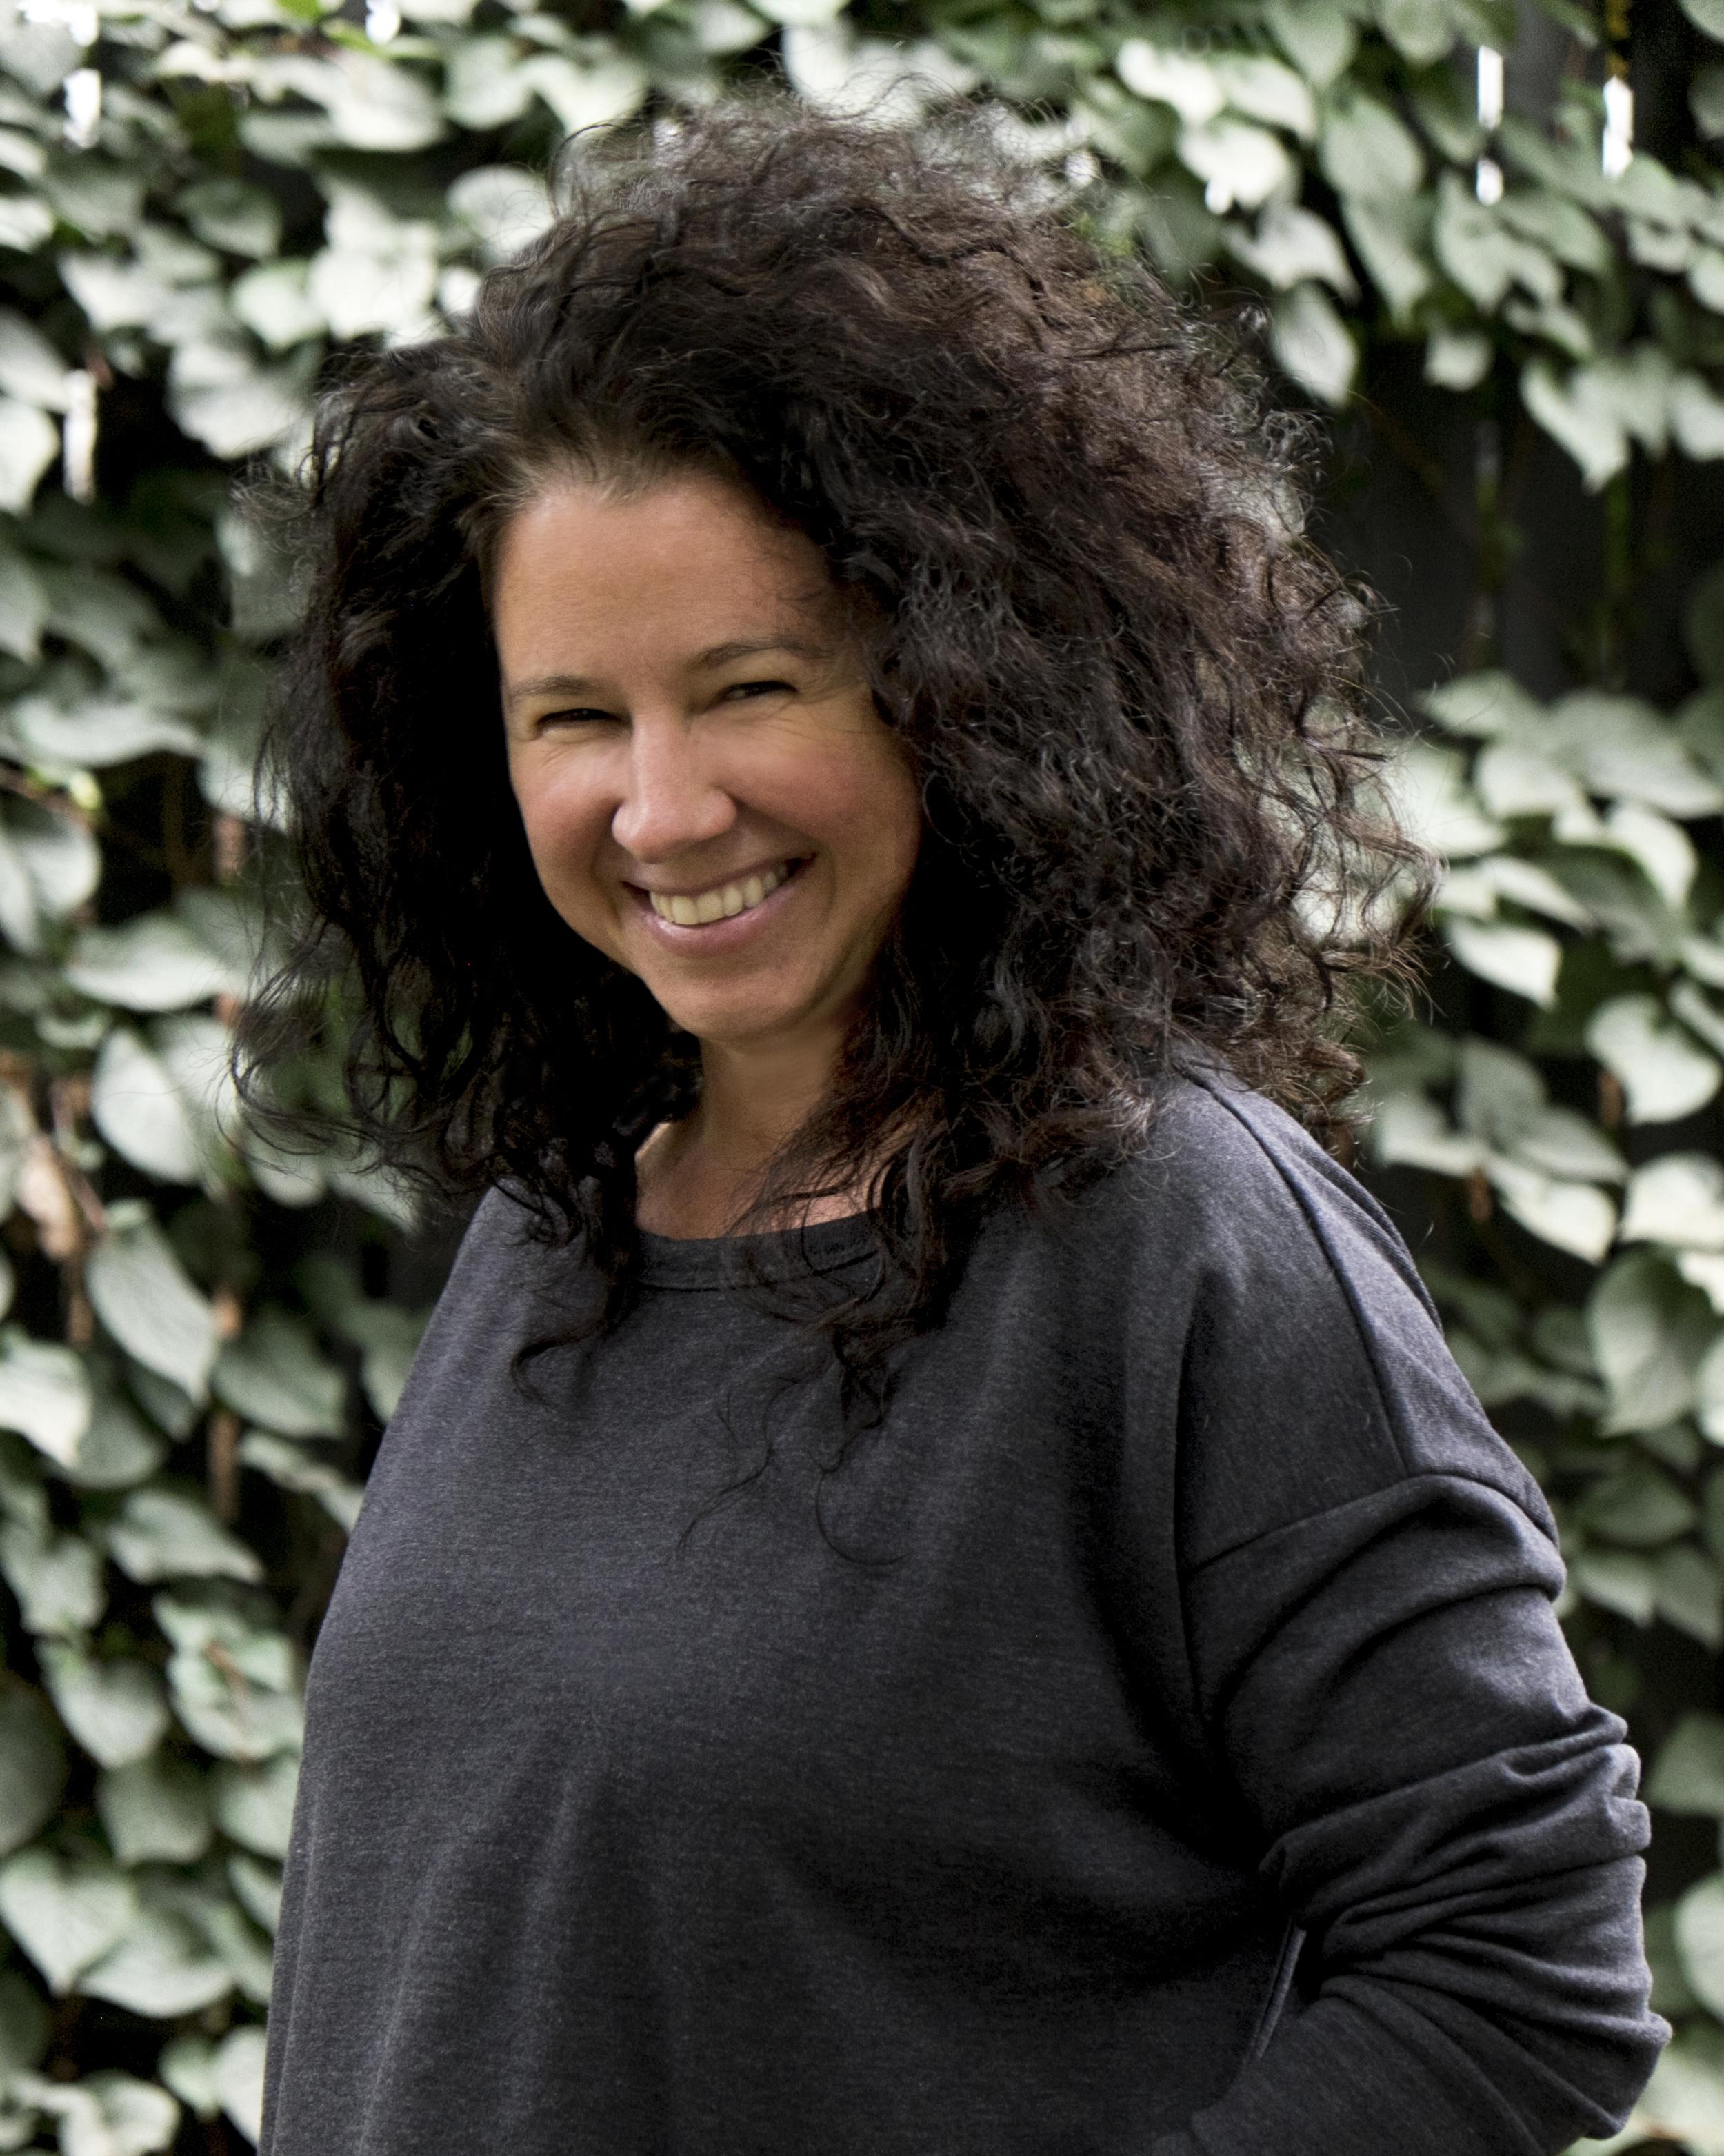 Erica George Dines